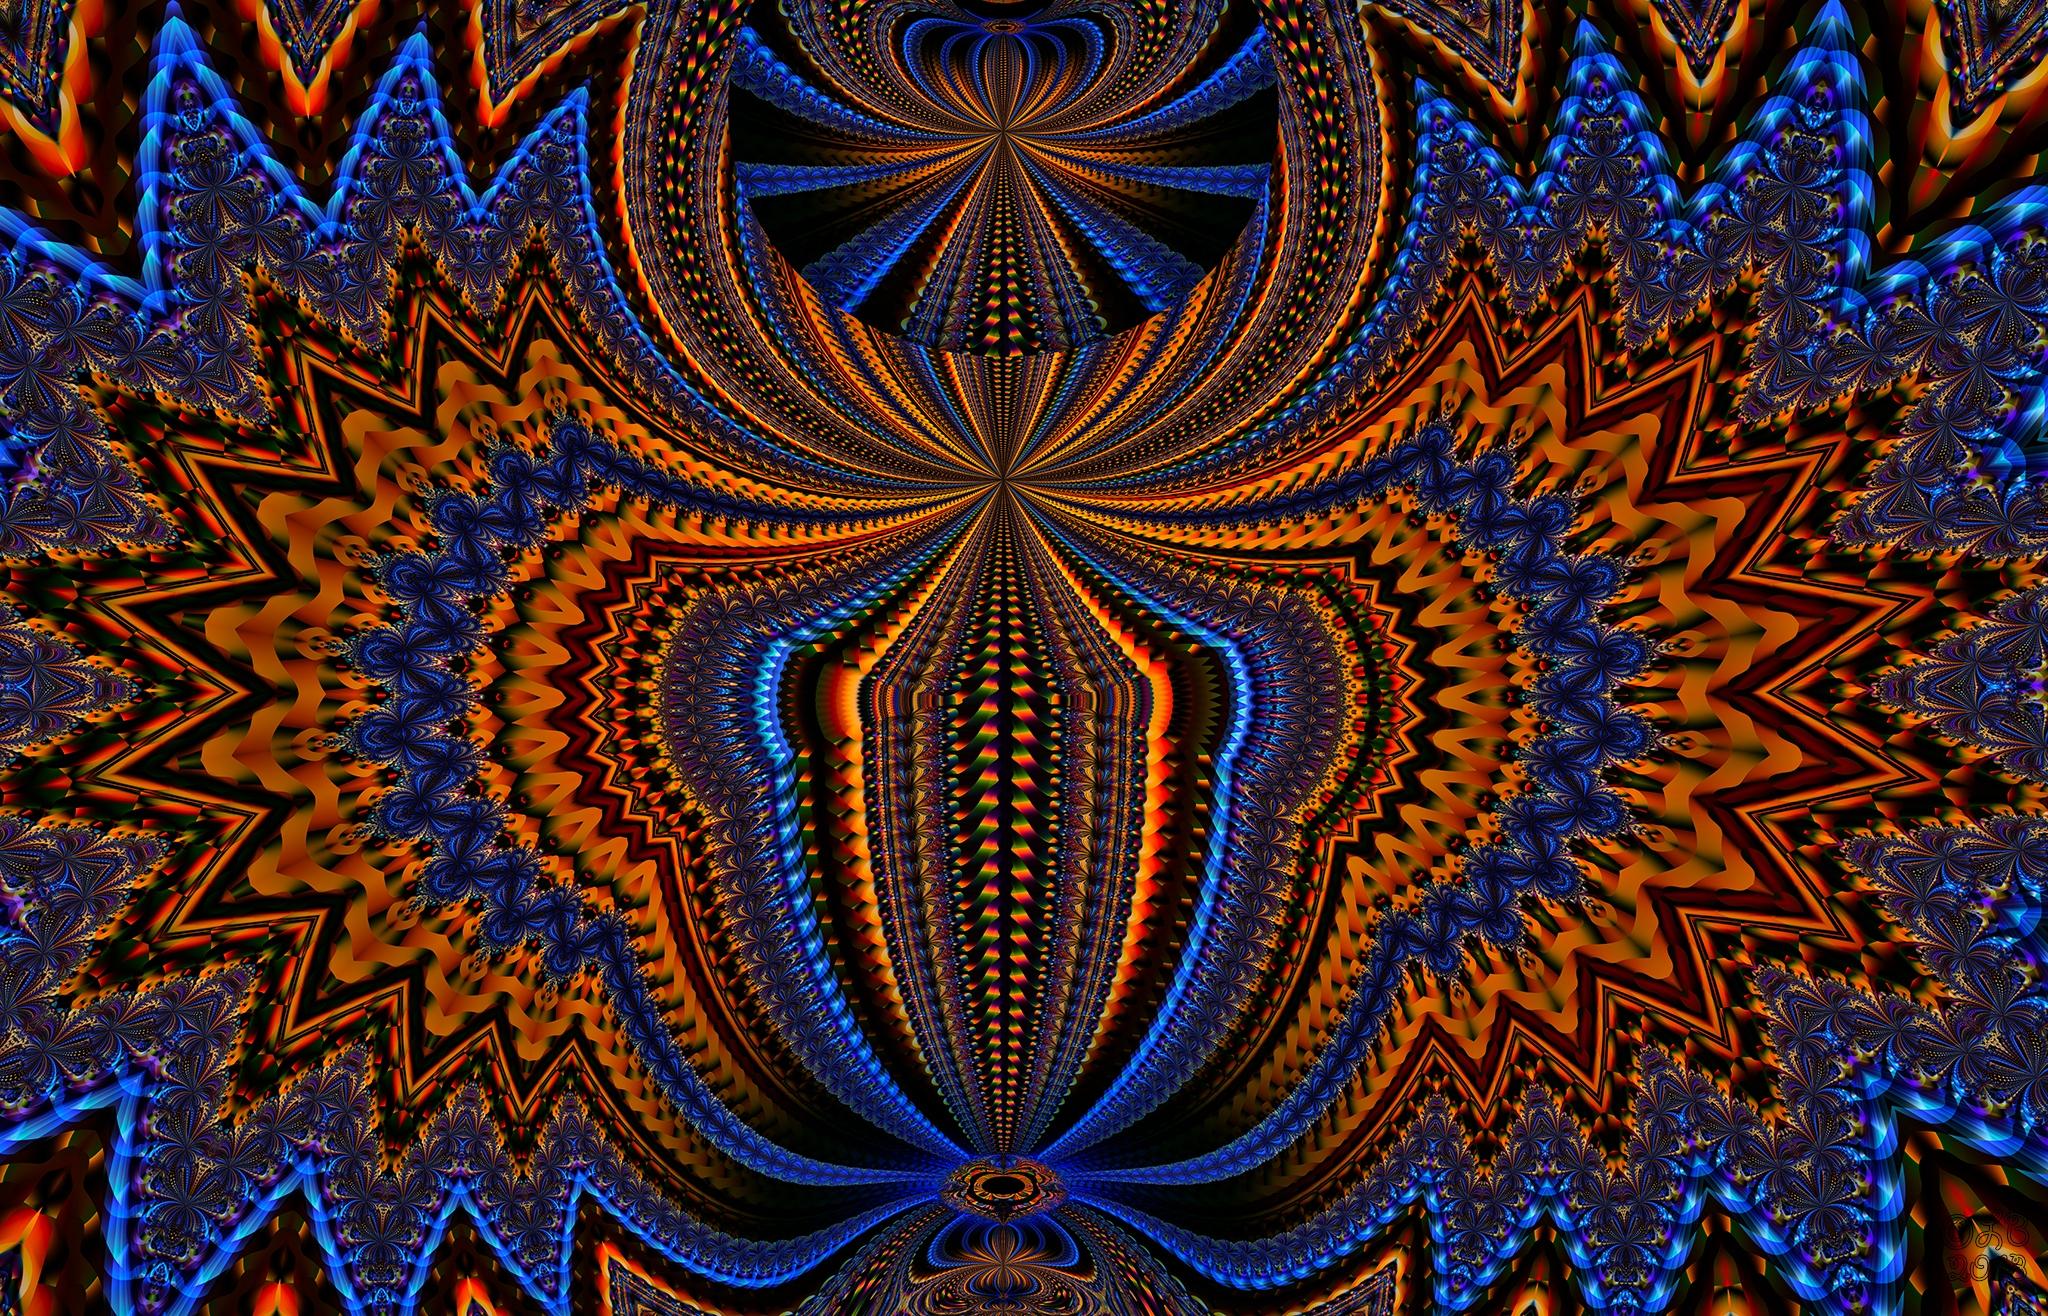 128180 papel de parede 720x1280 em seu telefone gratuitamente, baixe imagens Abstrato, Fundo, Padrões, Escuro, Brilhar, Luz 720x1280 em seu celular